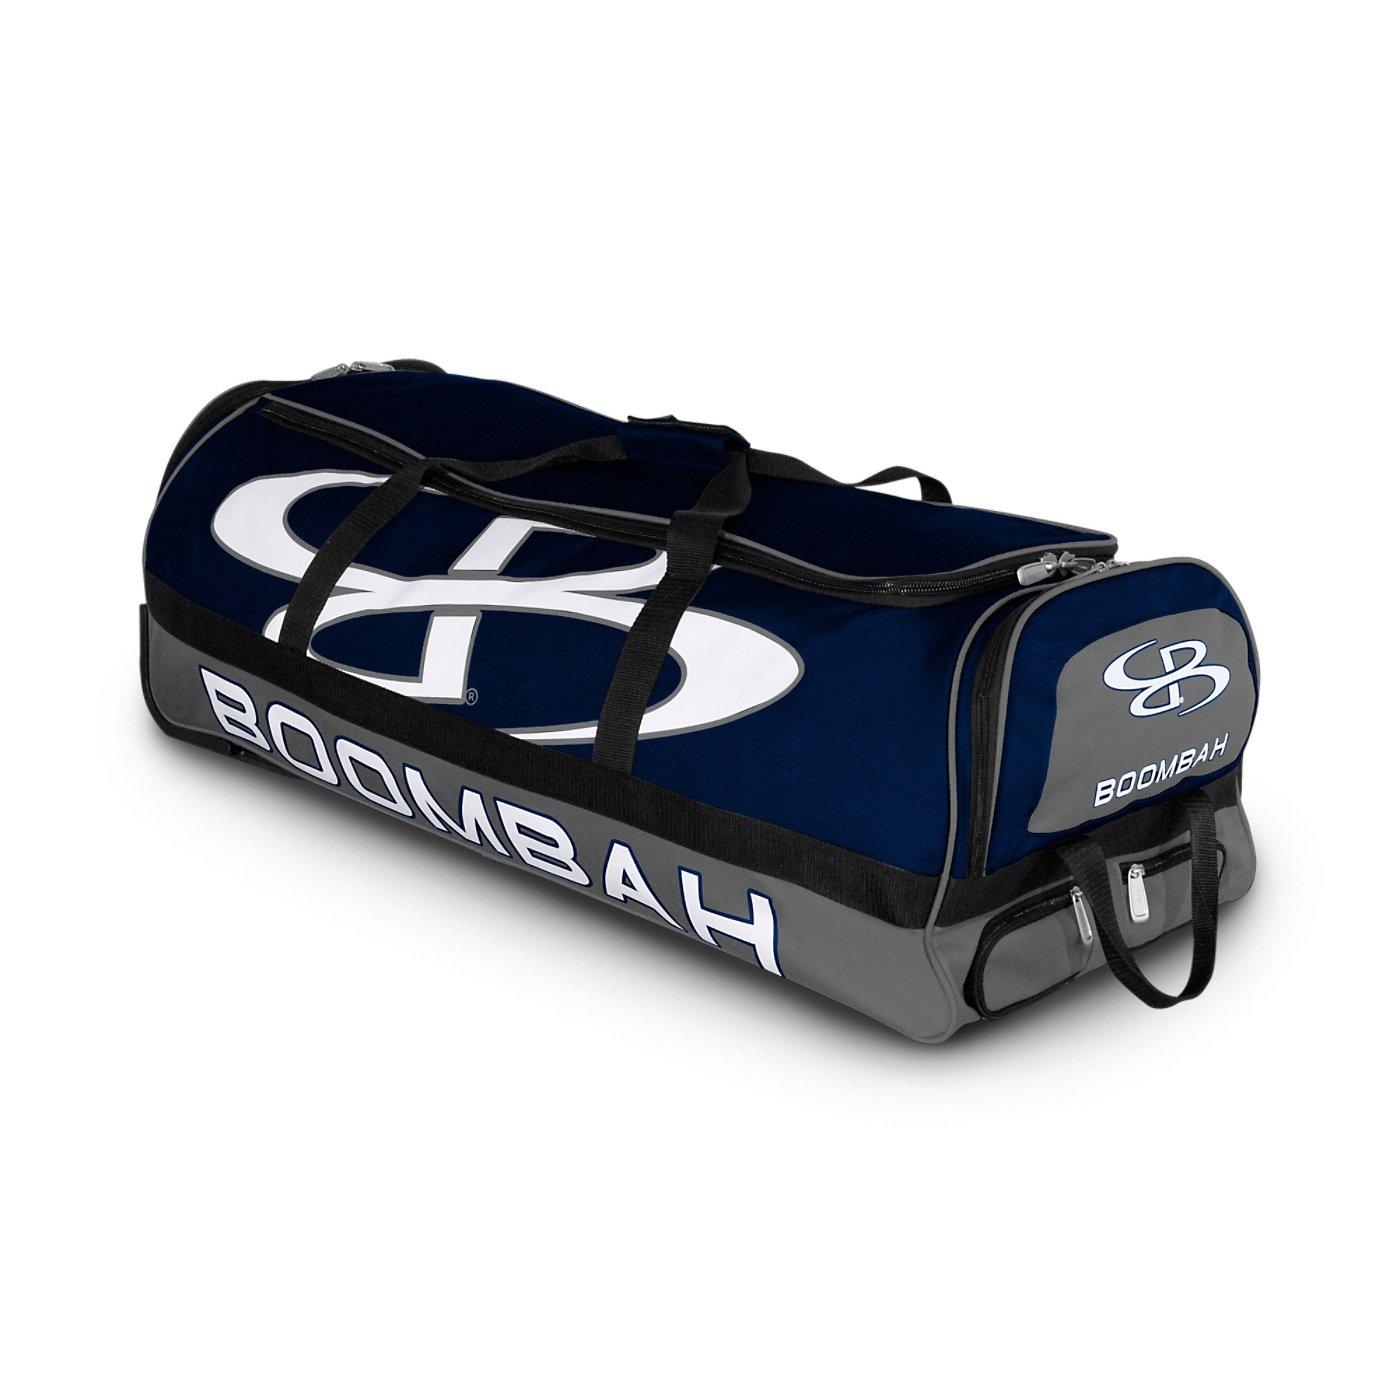 (ブームバー) Boombah Bruteシリーズ キャスター付きバットケース 野球ソフトボール用 35×15×12–1/2インチ 49色展開 4本のバットと用具を収納可能 B01N47M9U3 ネイビー/グレー ネイビー/グレー